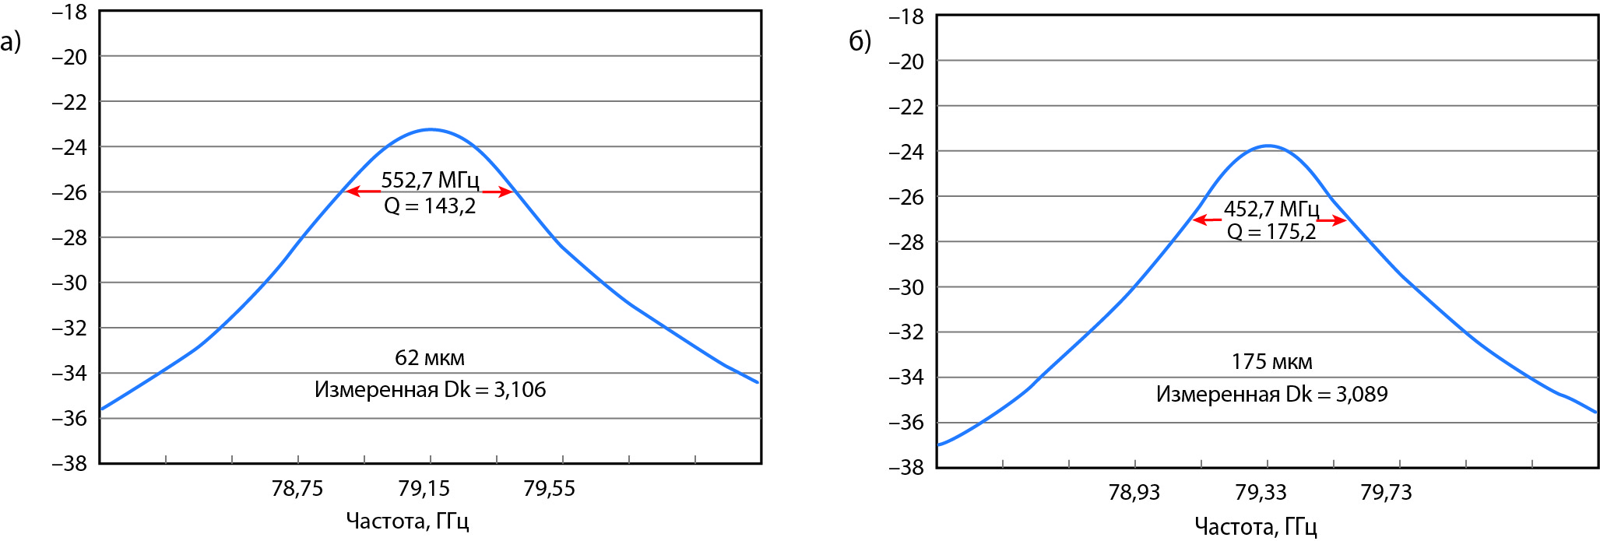 Измерение величины S21 и Dk ламината методом кольцевого резонатора с никелевым финишным покрытием толщиной